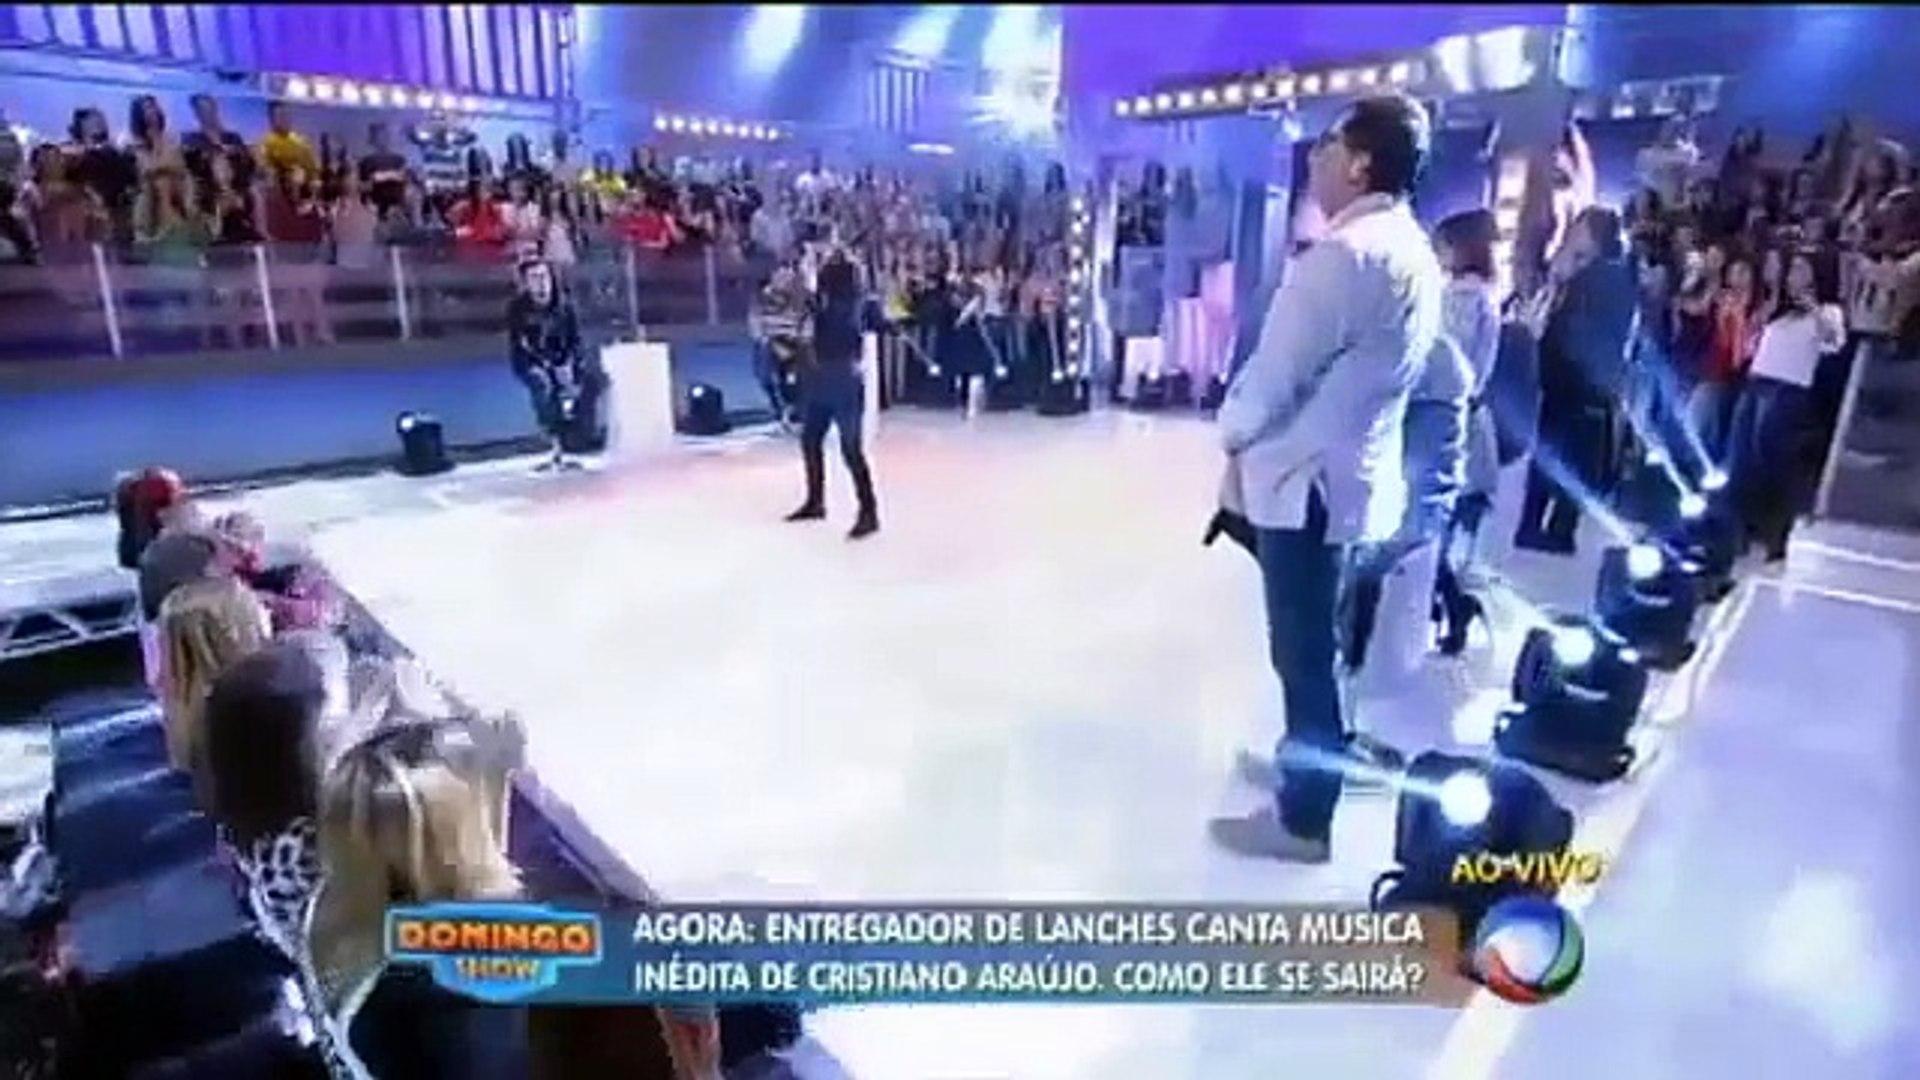 Erik Manzott - Me ame agora (Música inédita) - www.sertanejooficial.com.br